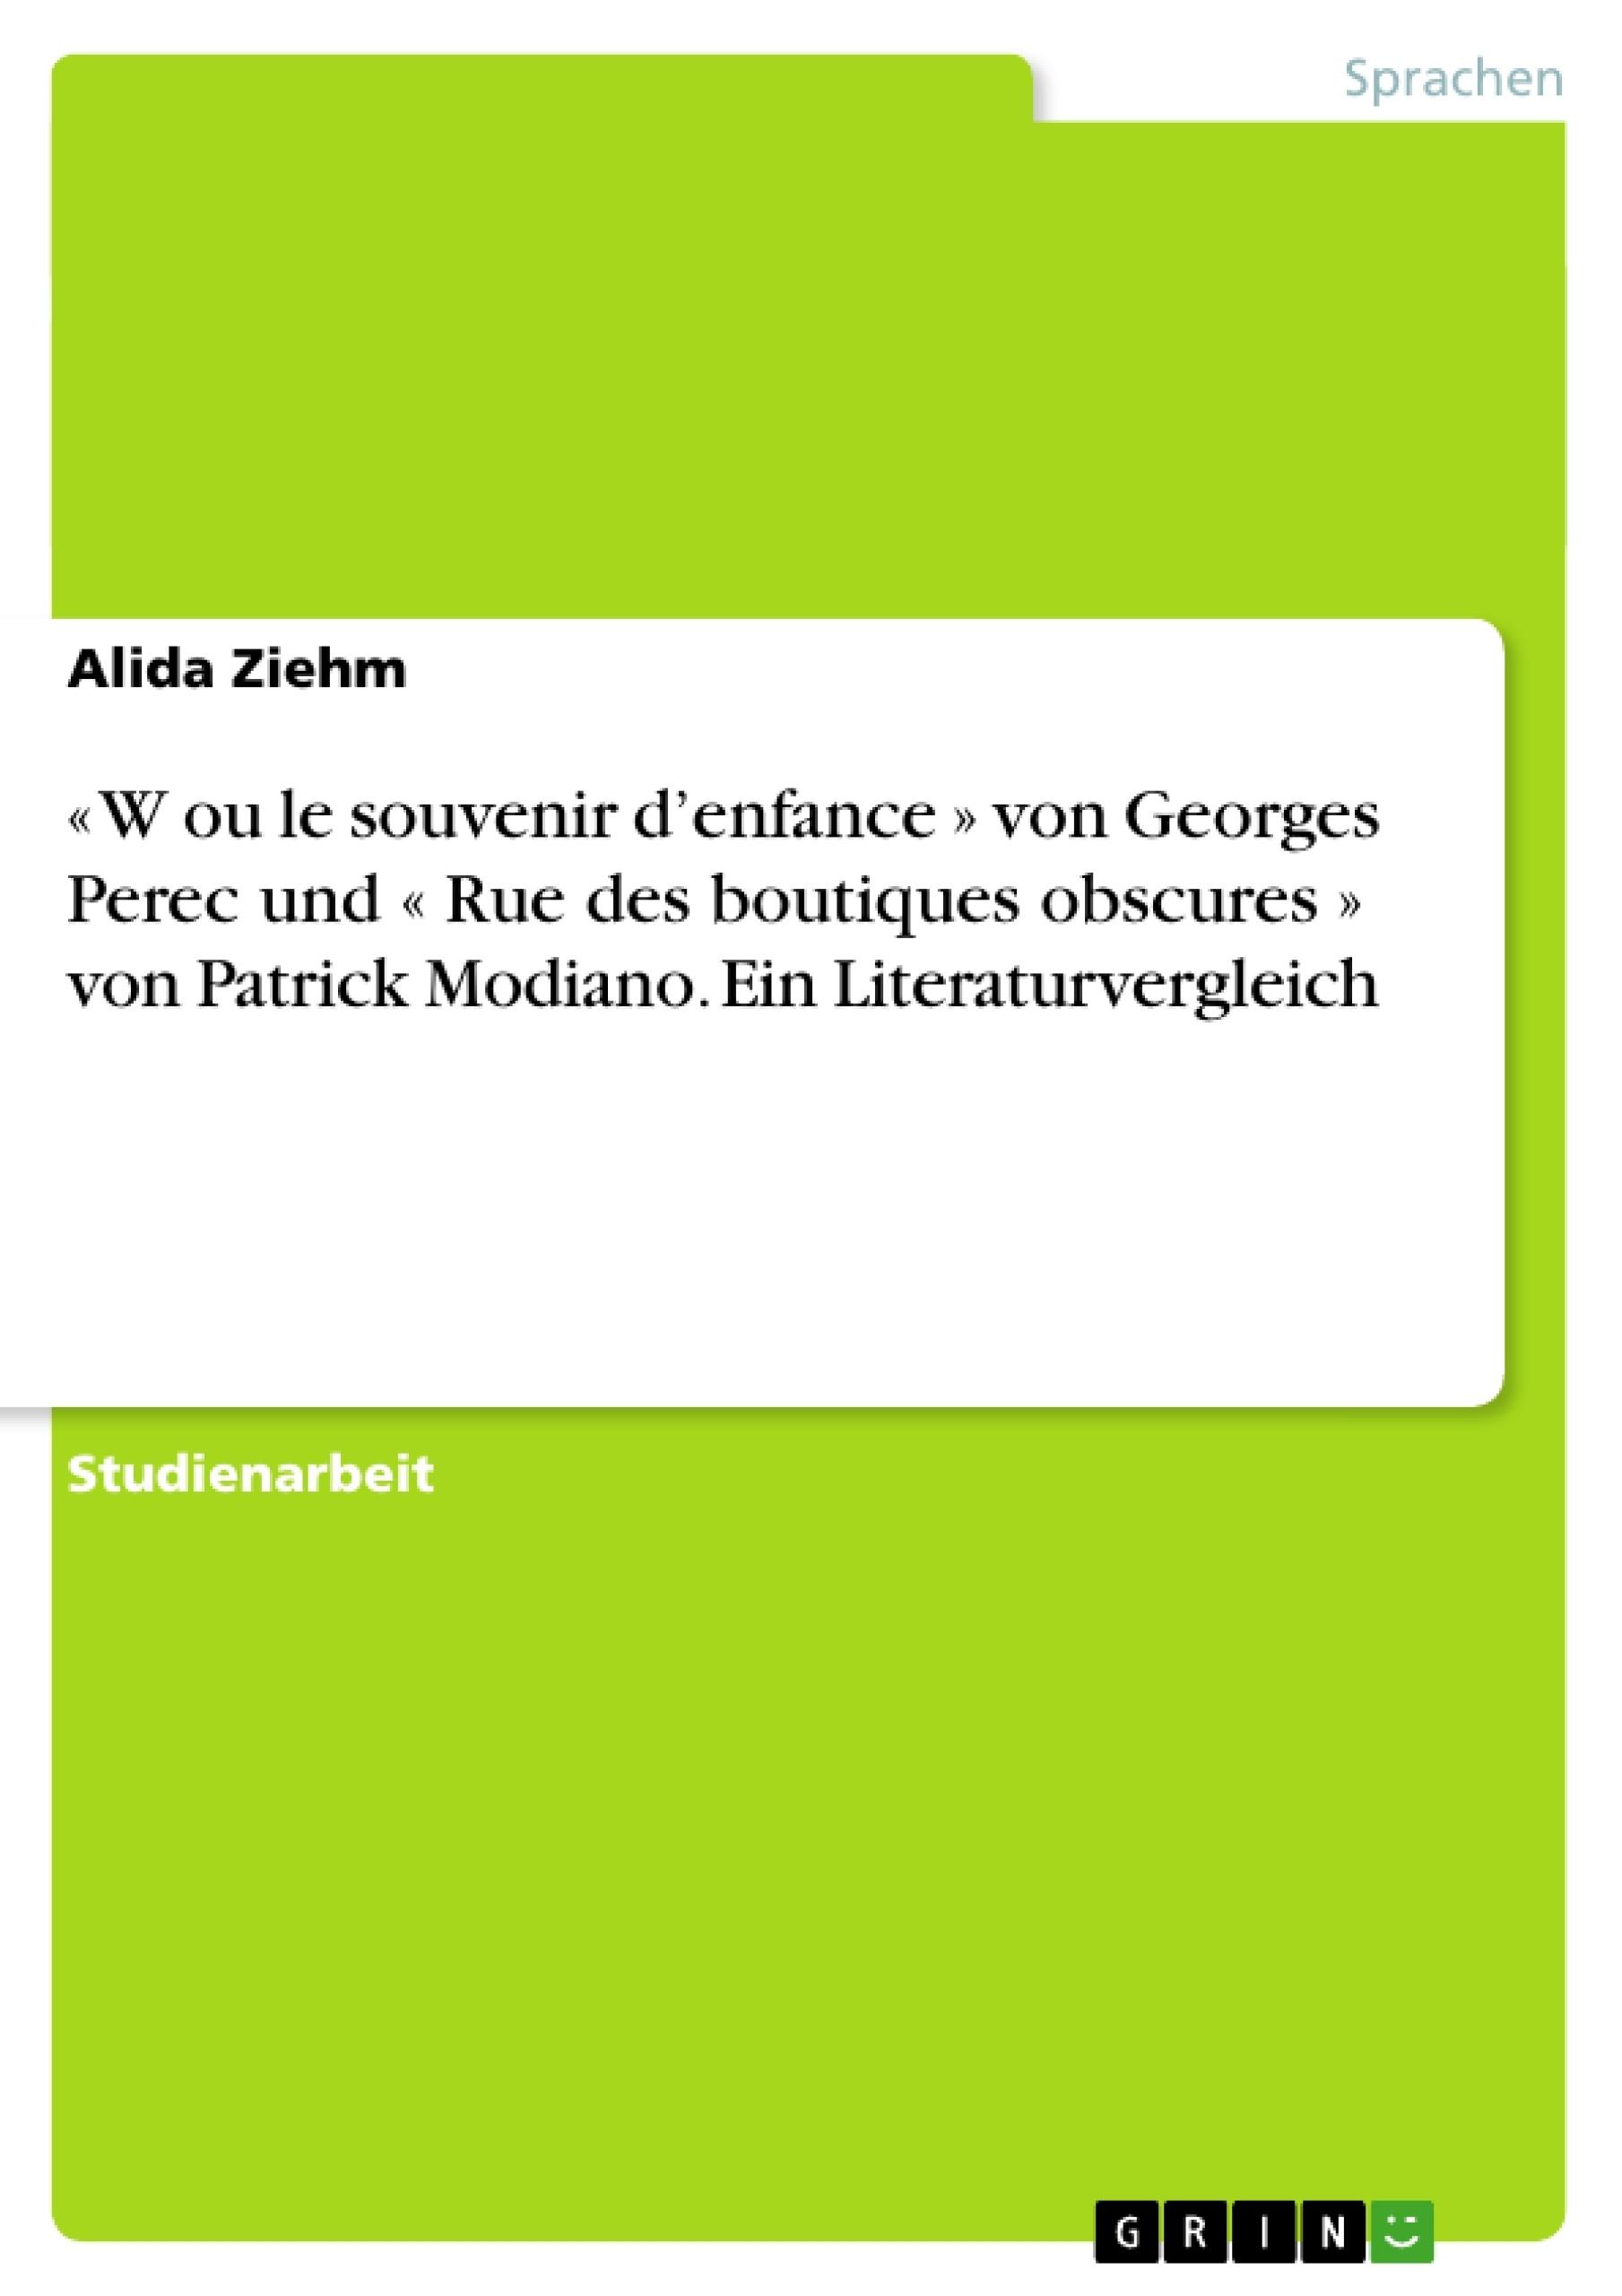 Titel: « W ou le souvenir d'enfance » von Georges Perec und « Rue des boutiques obscures » von Patrick Modiano. Ein Literaturvergleich